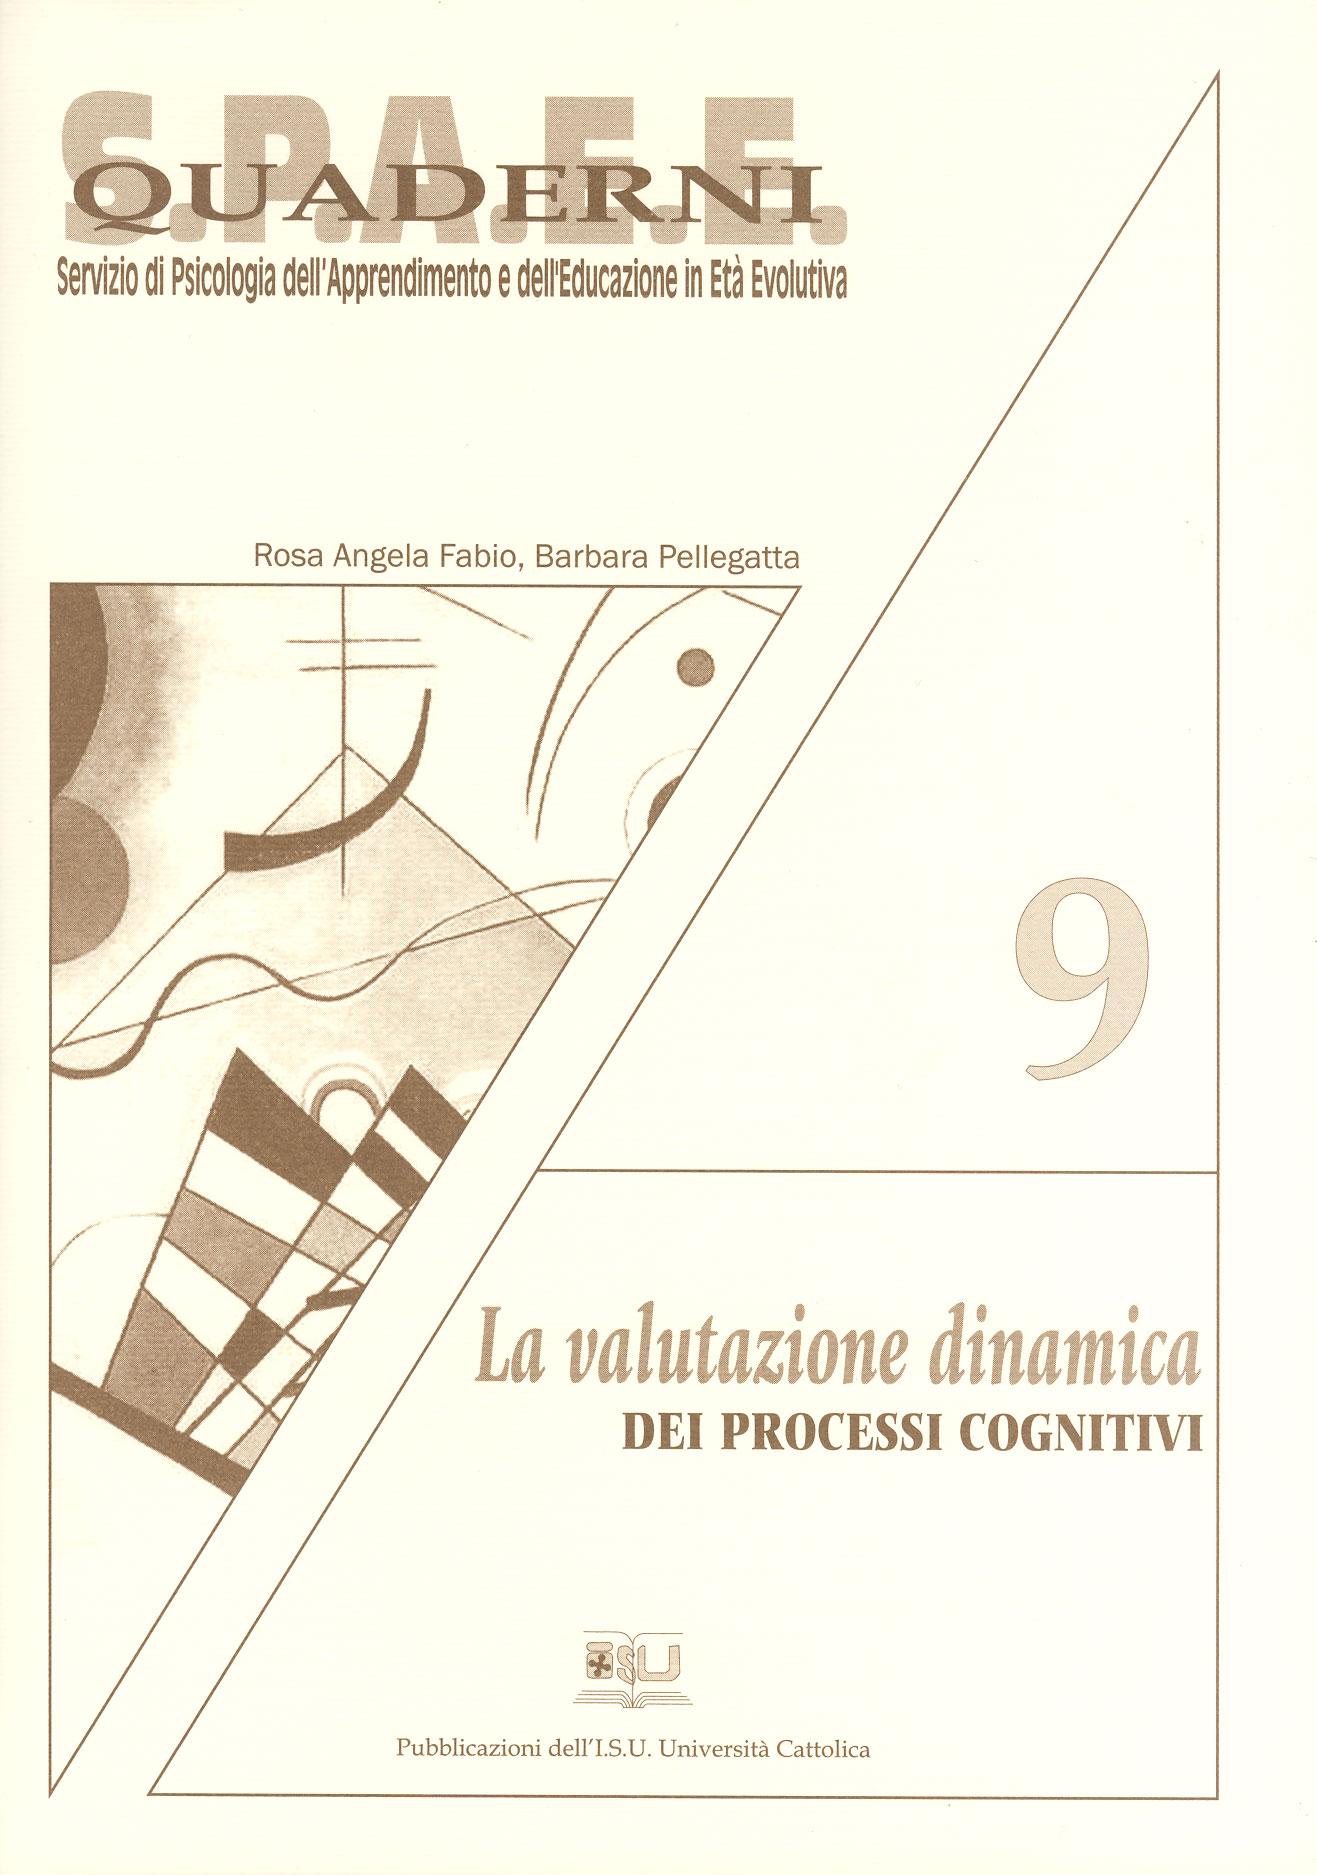 LA VALUTAZIONE DINAMICA DEI PROCESSI COGNITIVI. QUADERNI SPAEE 9